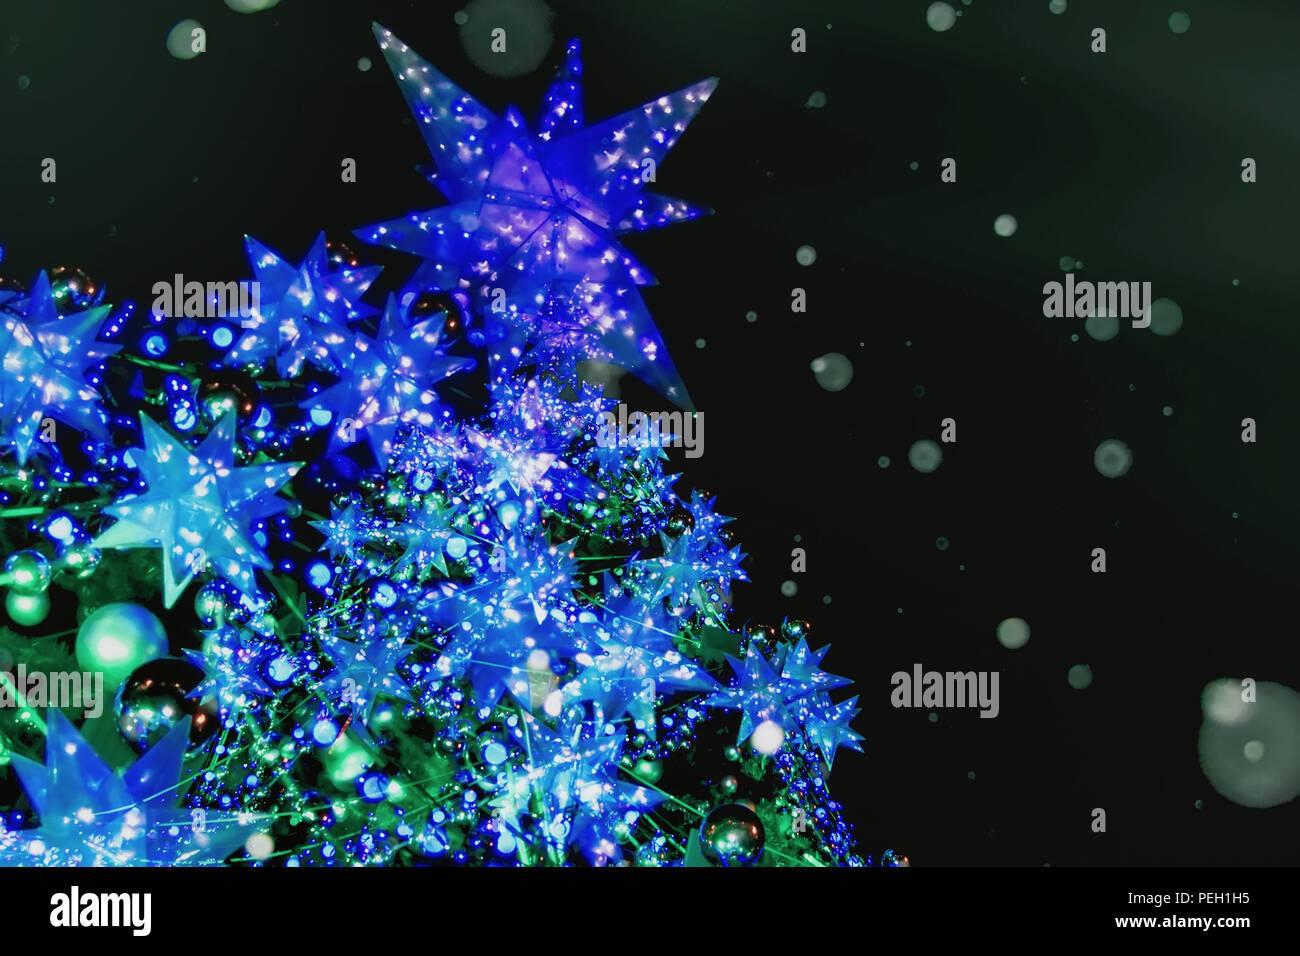 Stella Albero Di Natale Luminosa.Albero Di Natale Con Stella Di Natale I Fiocchi Di Neve Palline